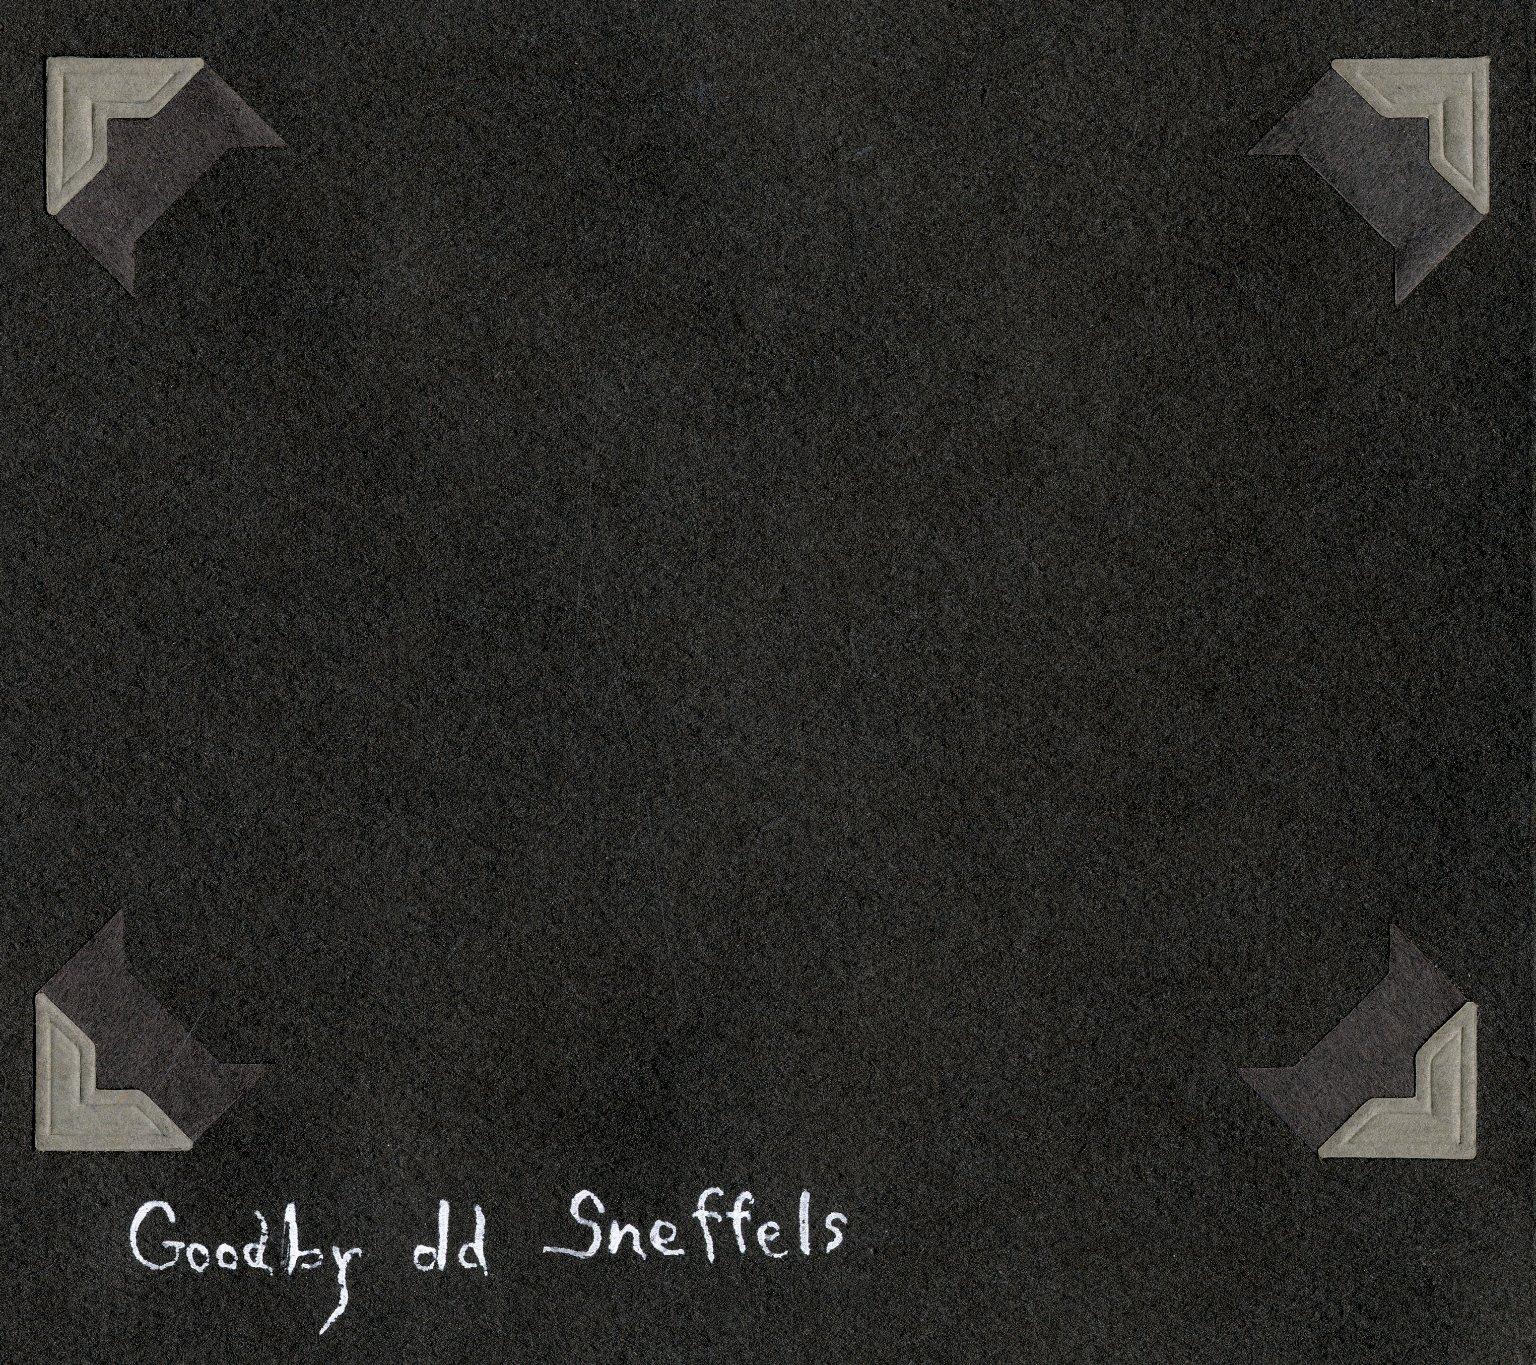 Goodby dd Sneffels